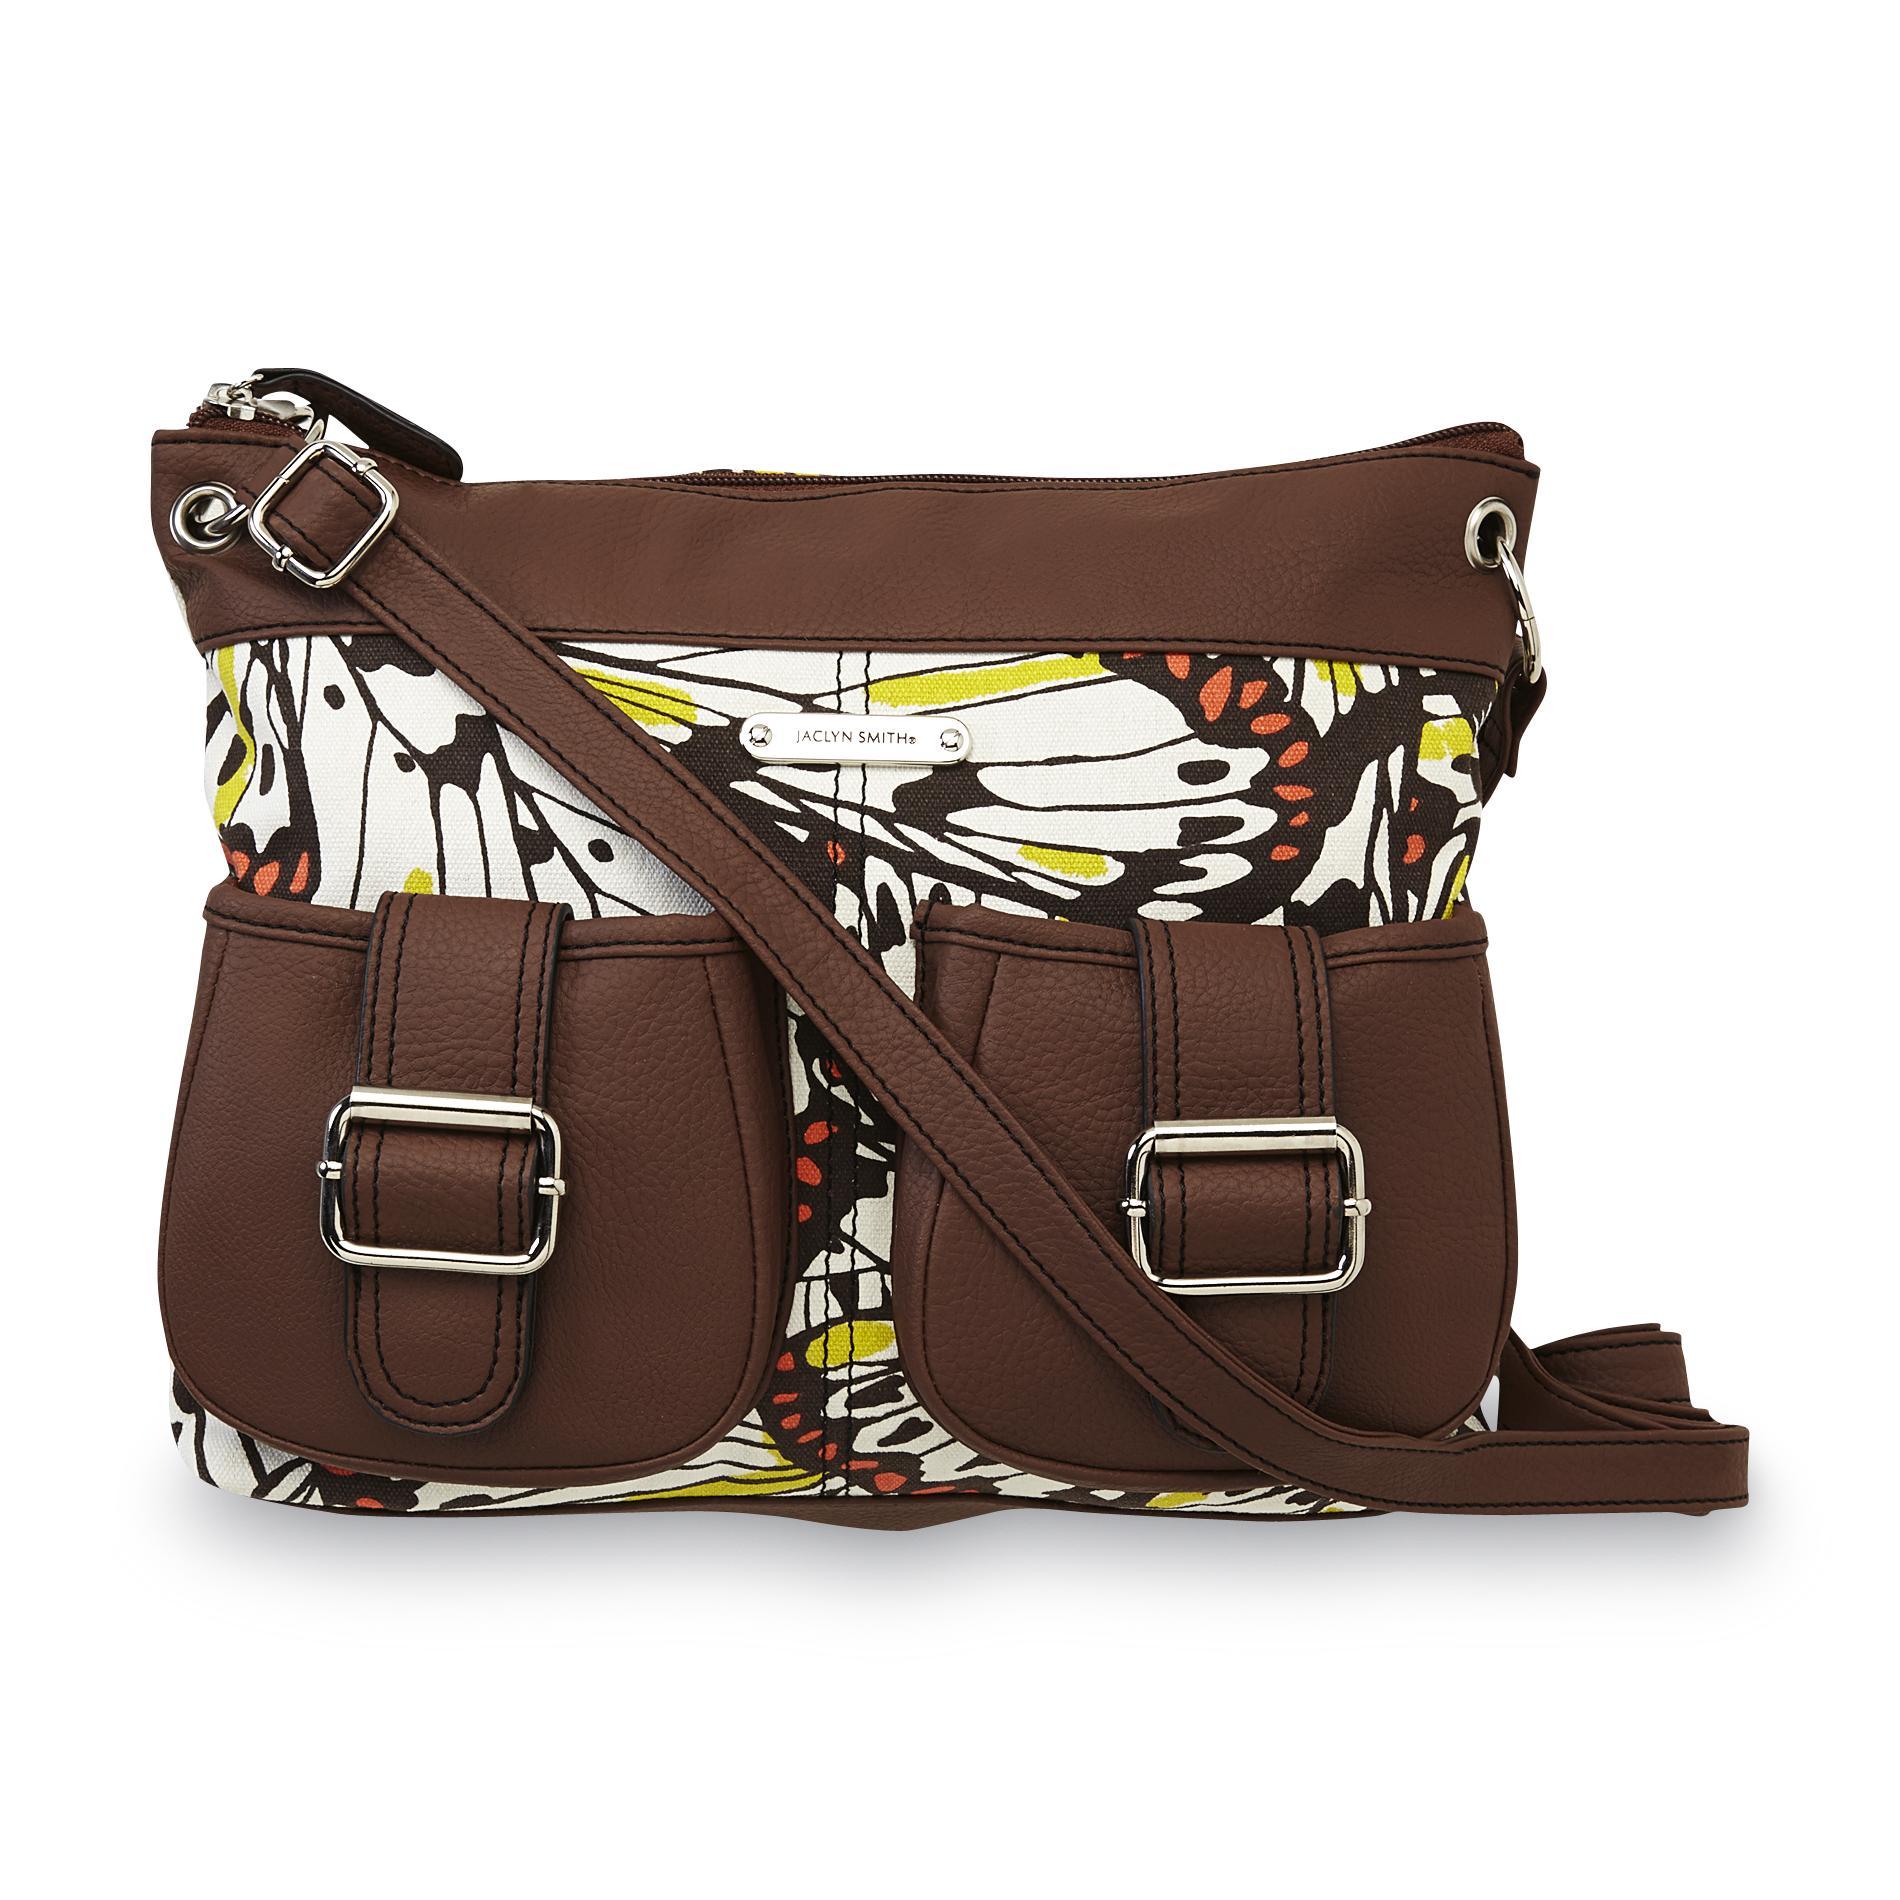 Jaclyn Smith Women's Danbury Crossbody Bag - Wings